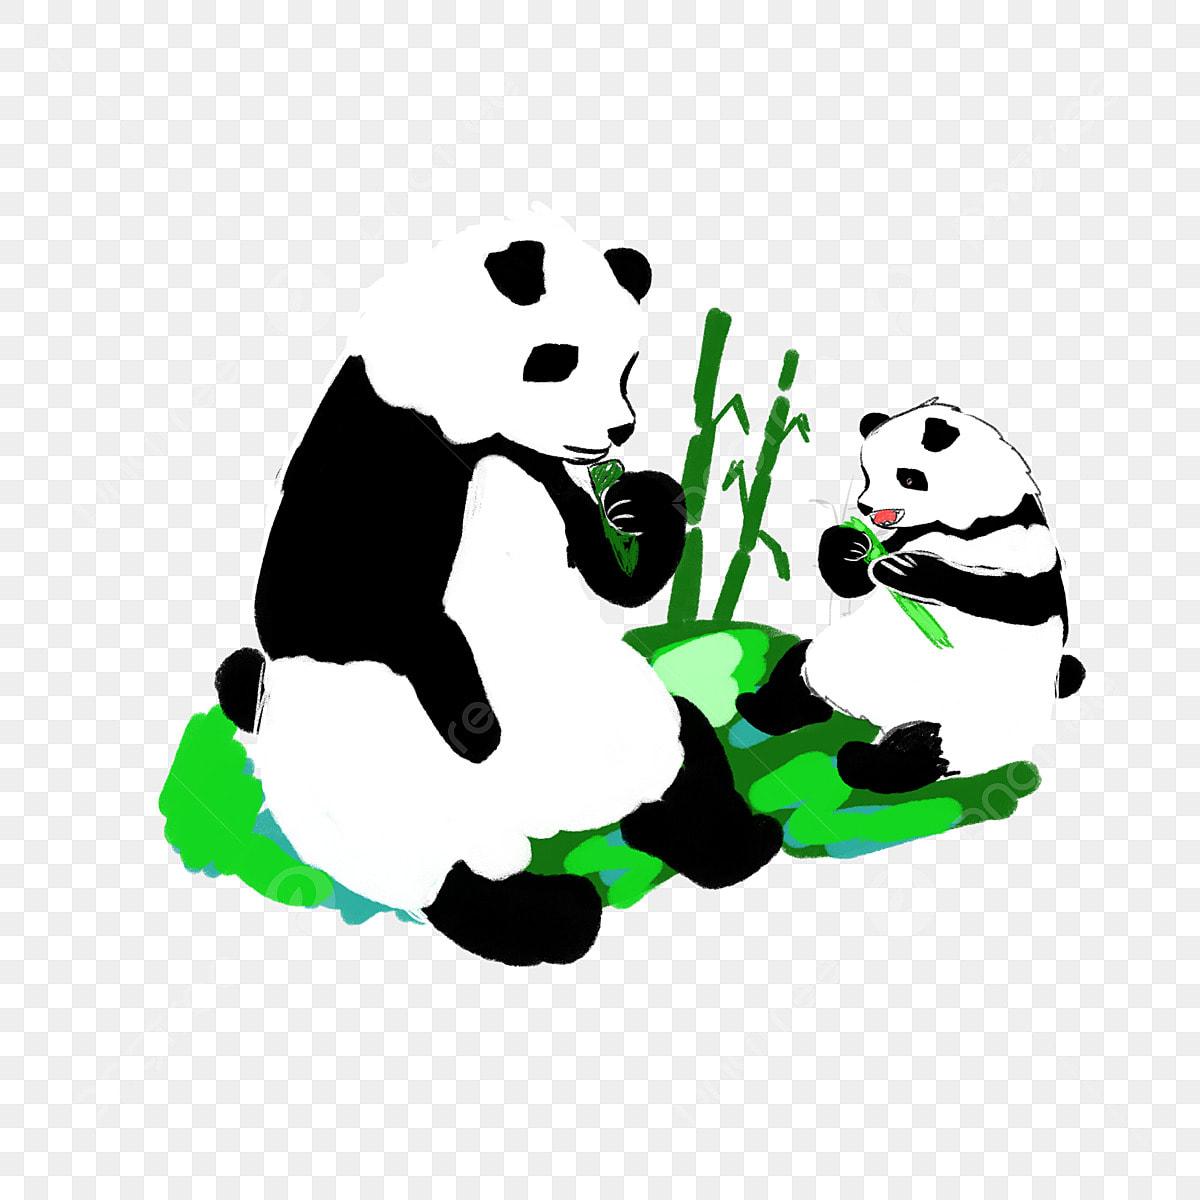 Gambar Panda Tangan Dicat Hari Ibu Panda Hitam Dan Putih Lidah Merah Anak Panda Kecil Comel Panda Hitam Dan Putih Png Dan Psd Untuk Muat Turun Percuma